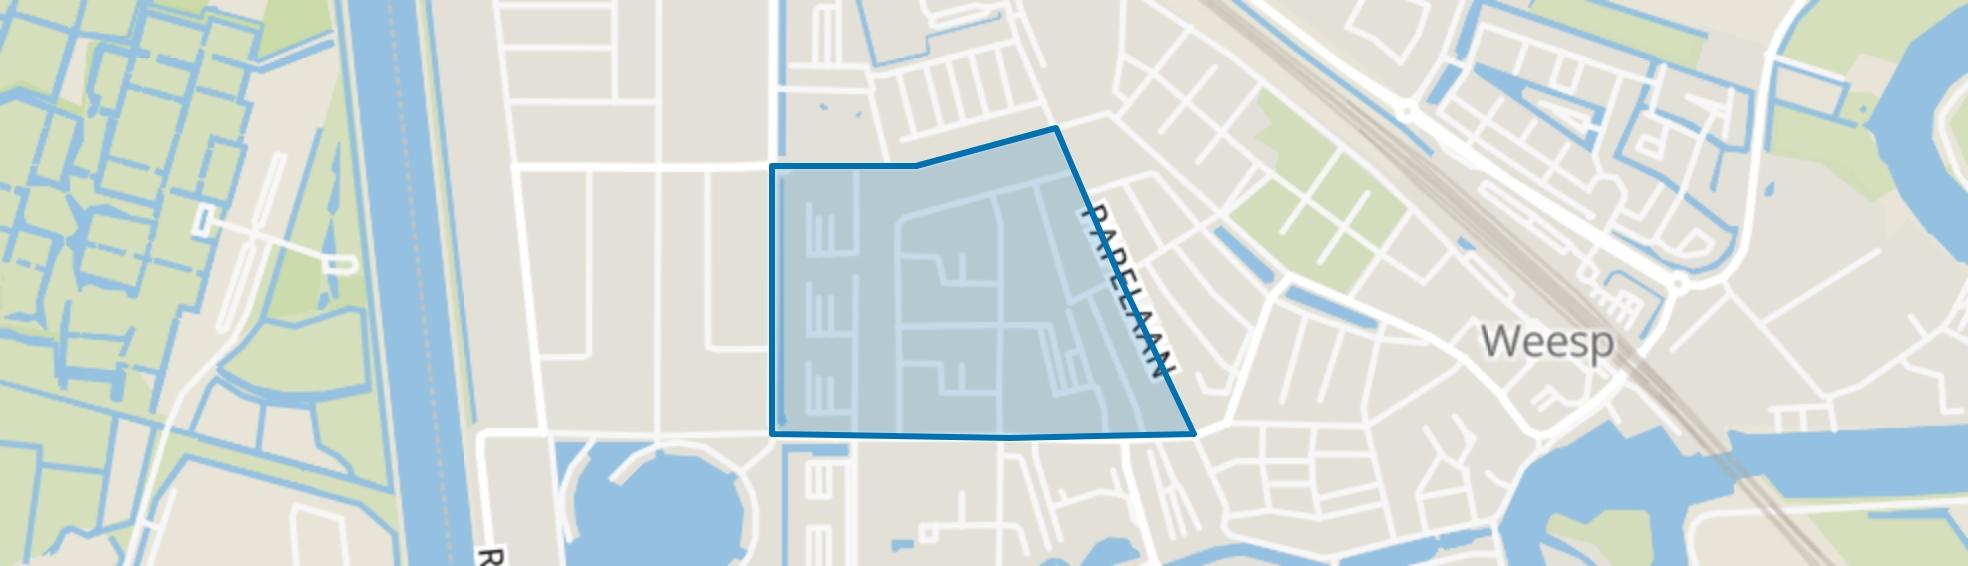 Hogewey Midden, Weesp map